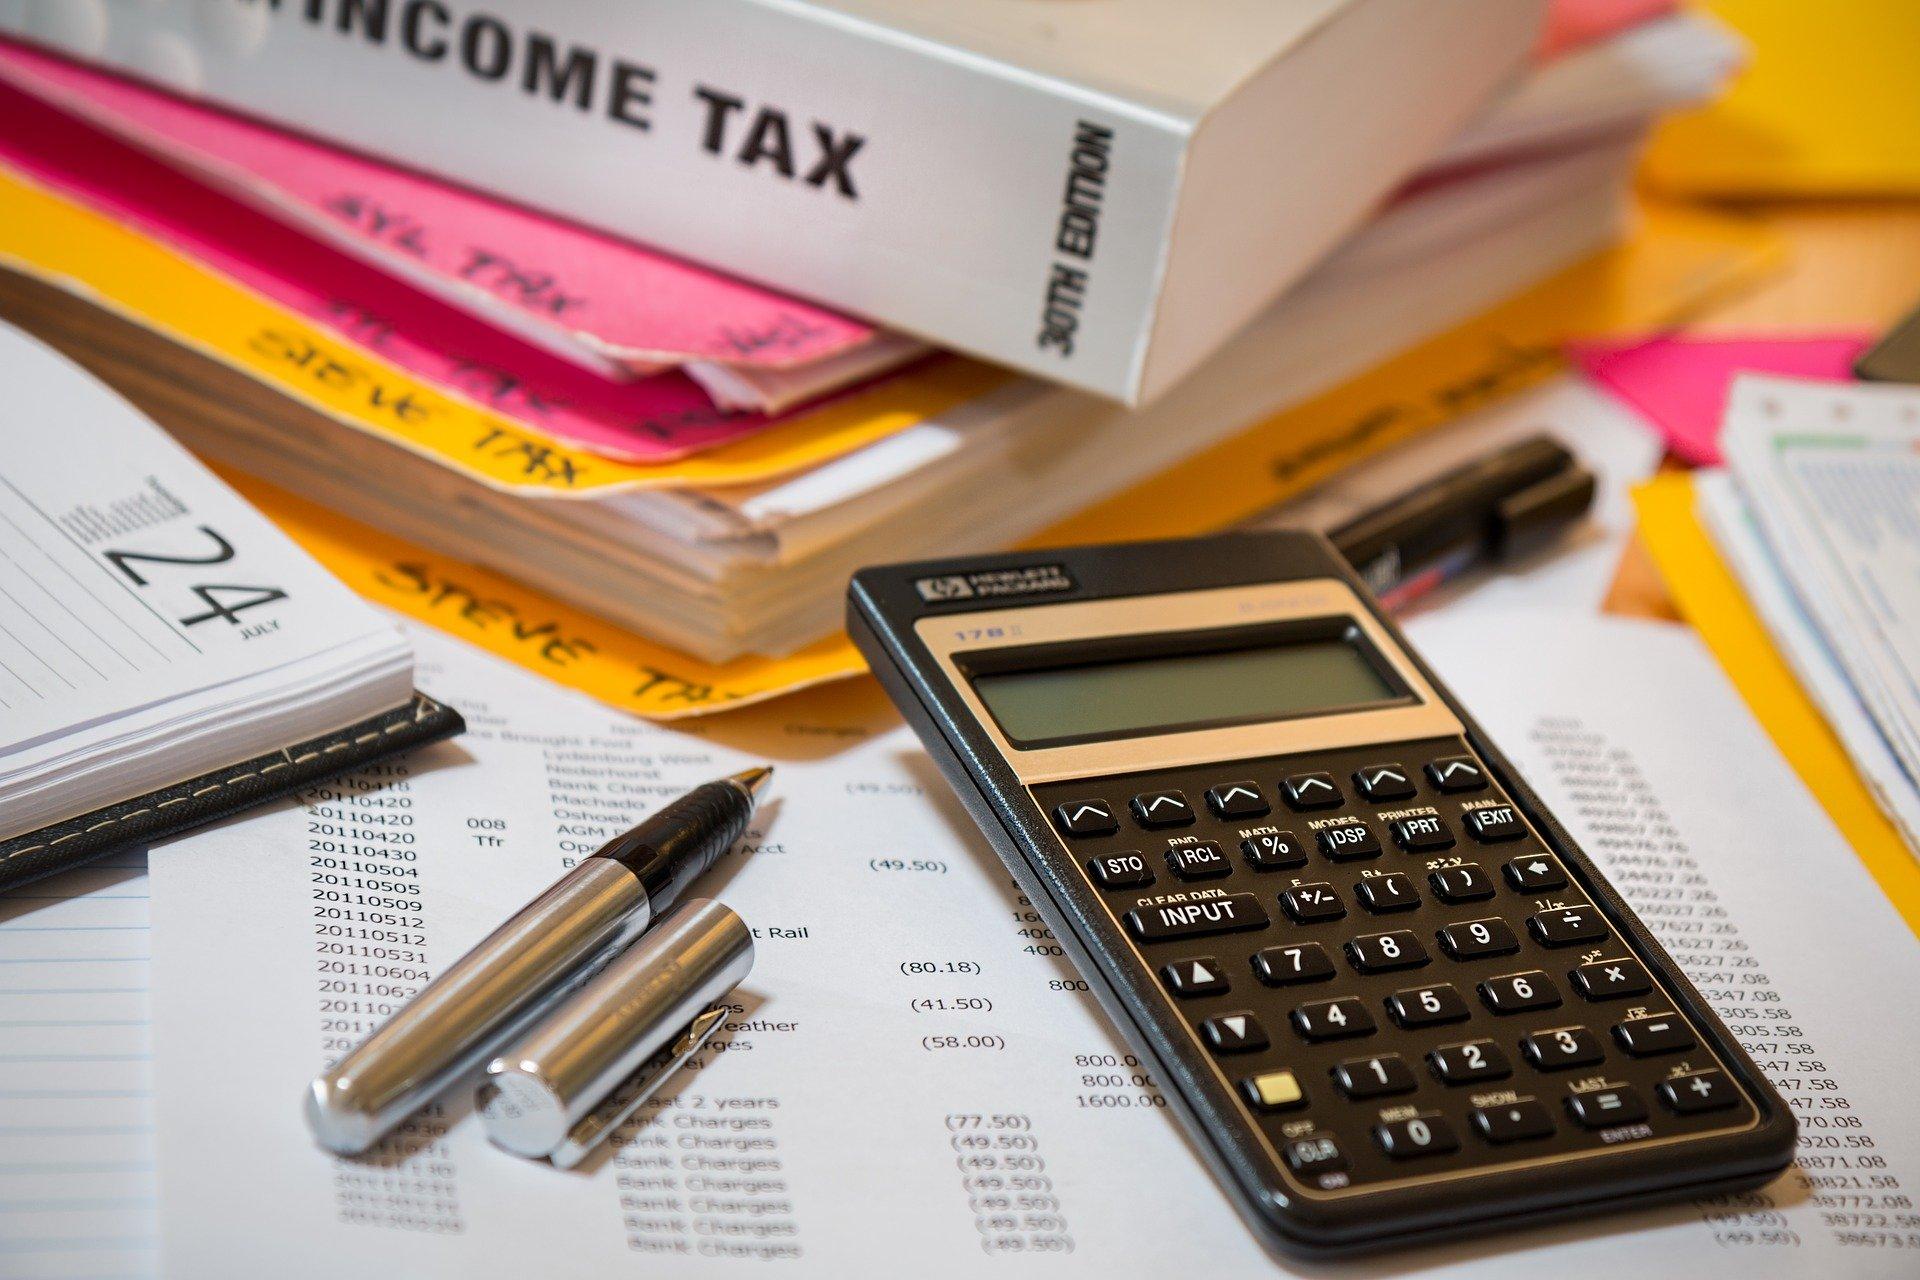 Spółka komandytowa jako podatnik podatku dochodowego